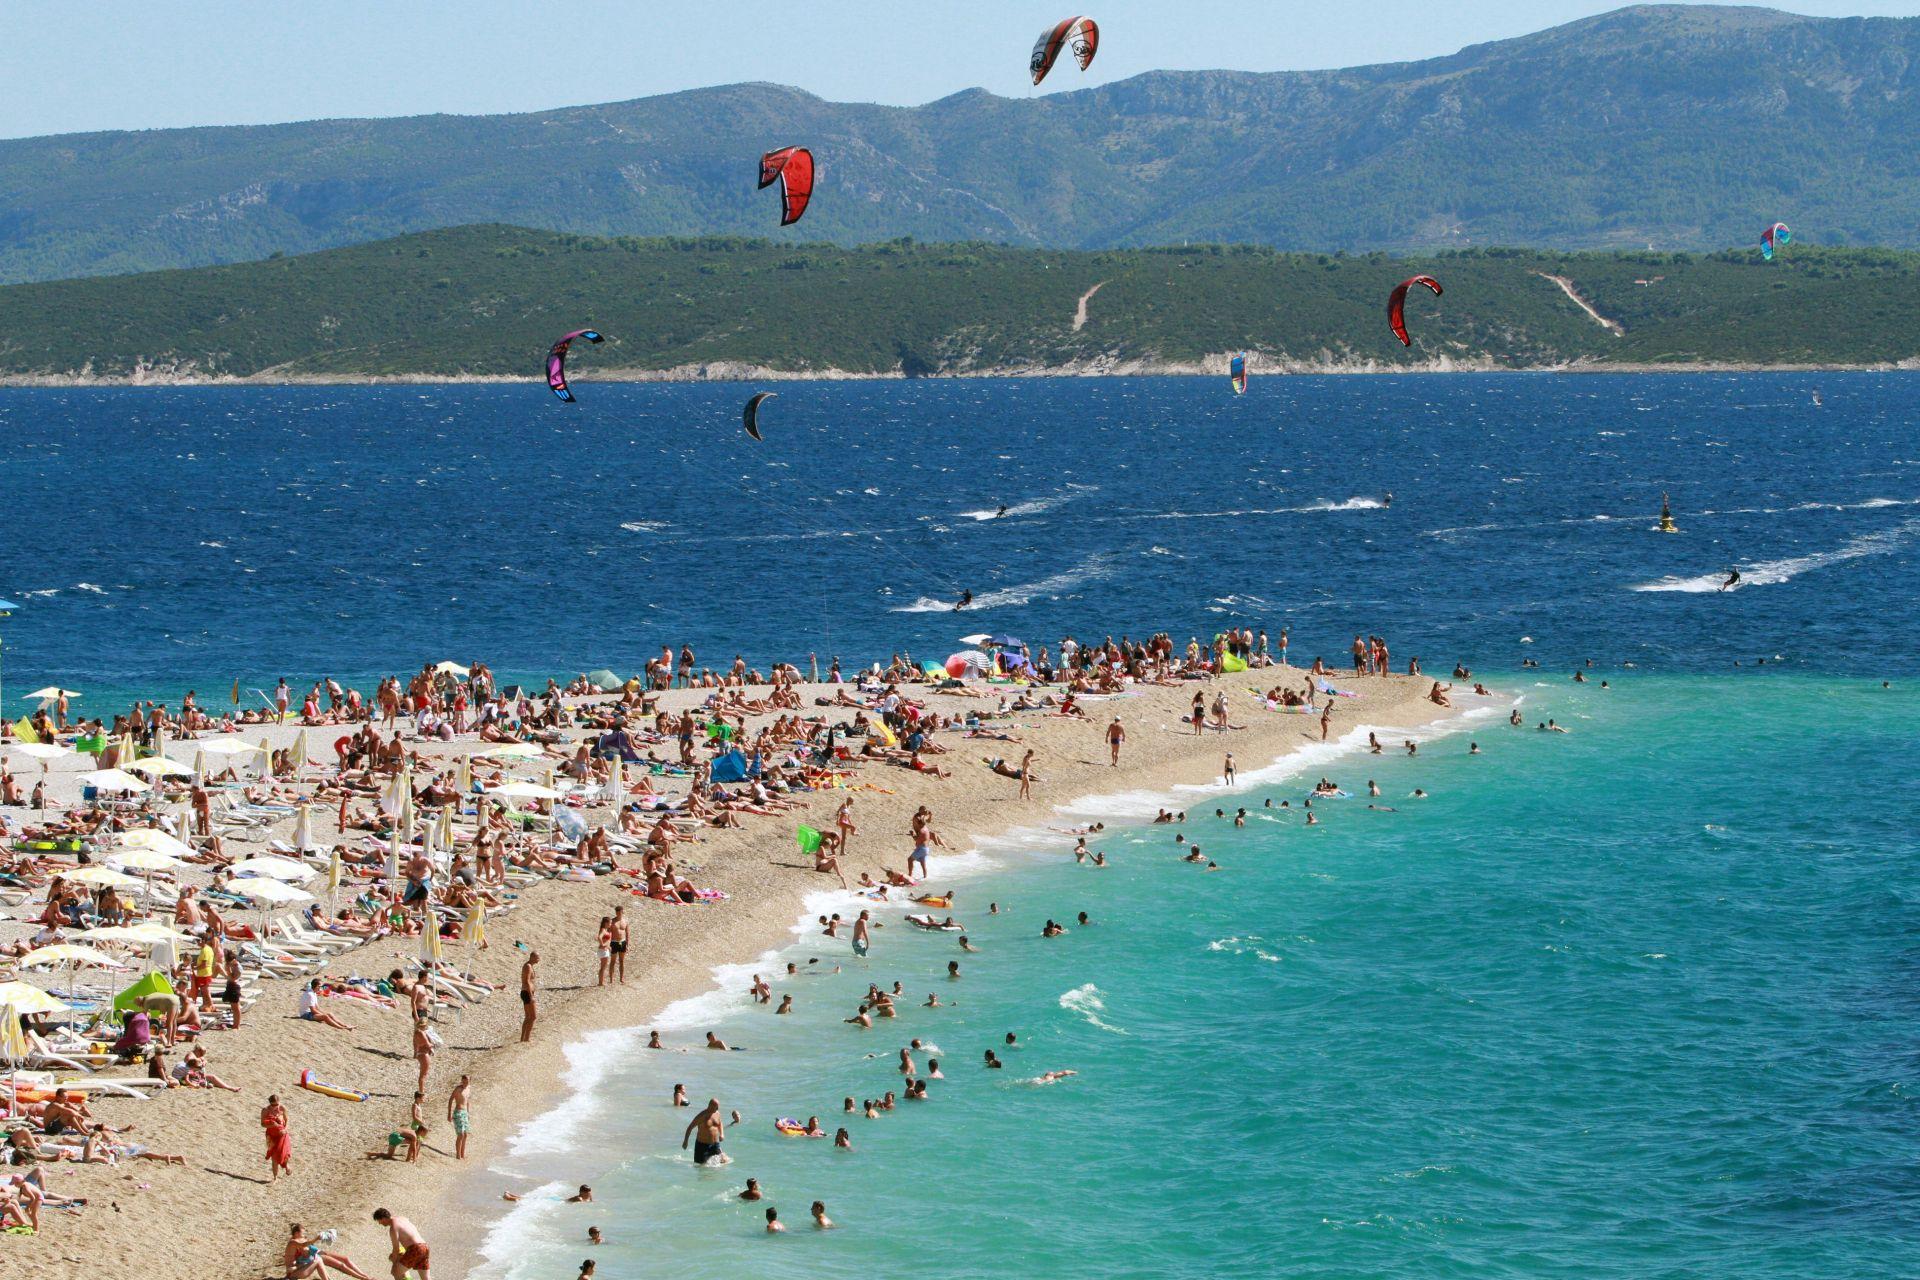 STRANCI OČARANI Na listi najboljih plaža Europe našle se dvije hrvatske